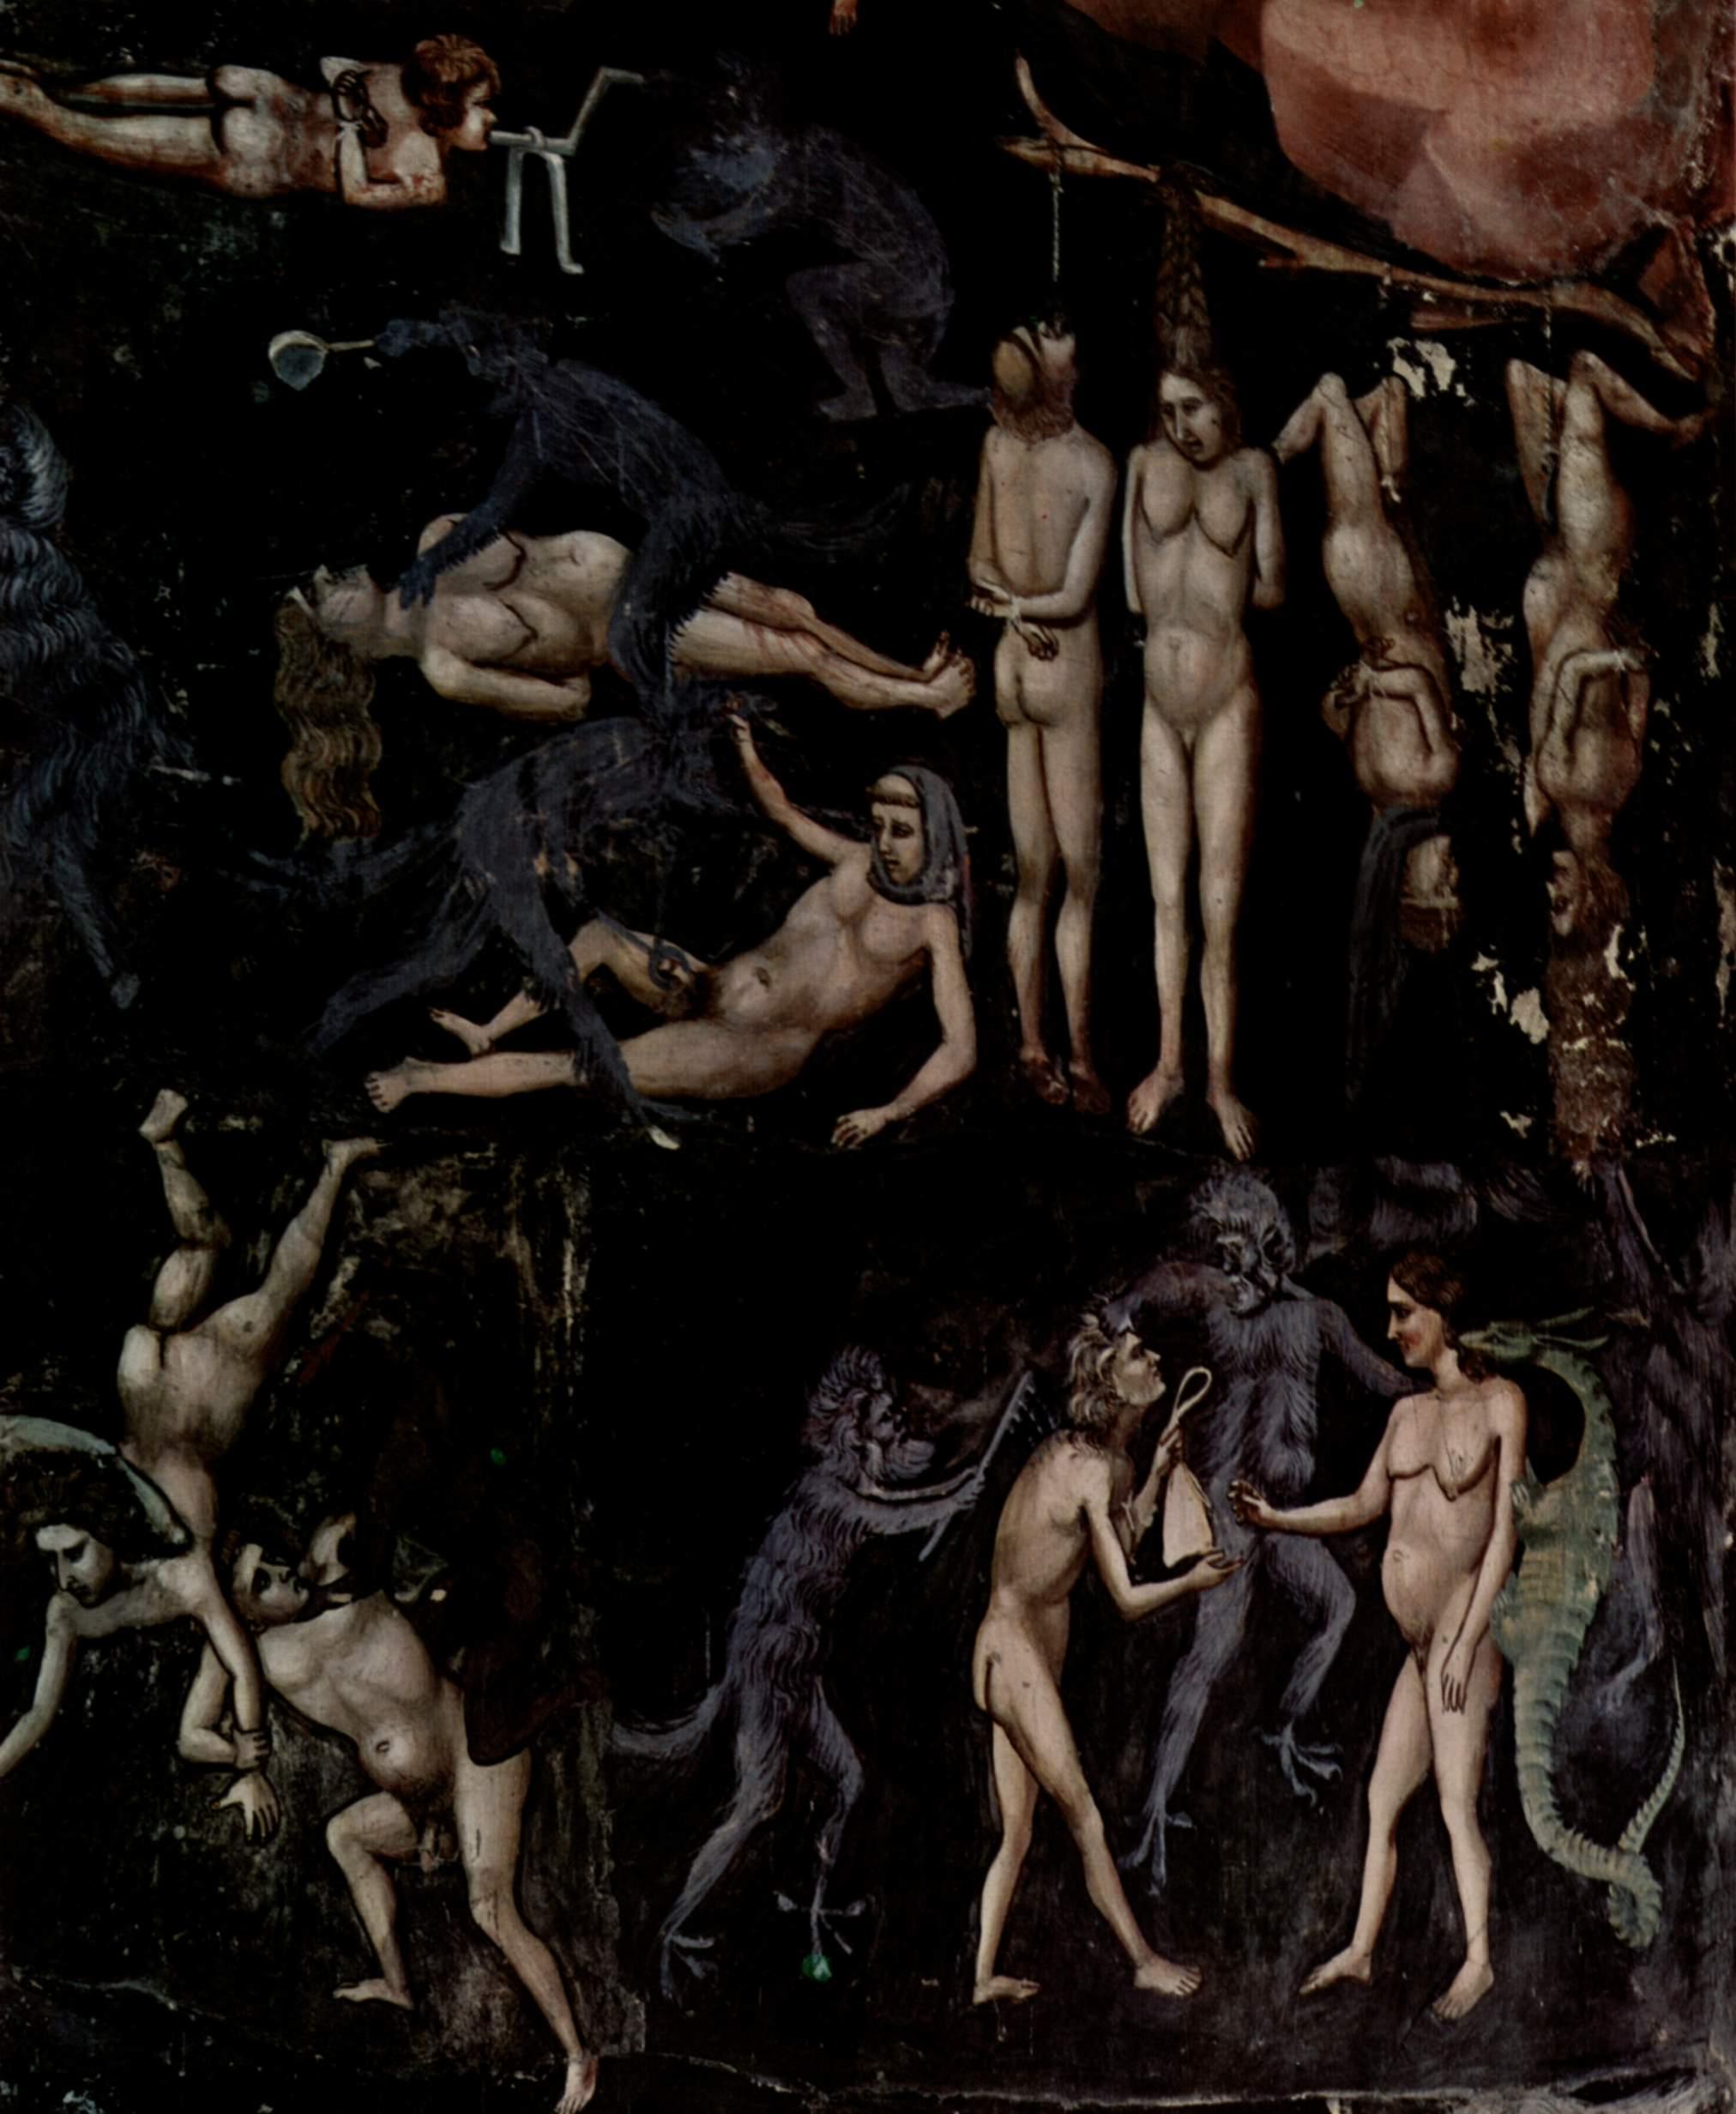 Цикл фресок капеллы Арена [34] в Падуе (капелла Скровеньи). Страшный суд. Фрагмент, Джотто ди Бондоне